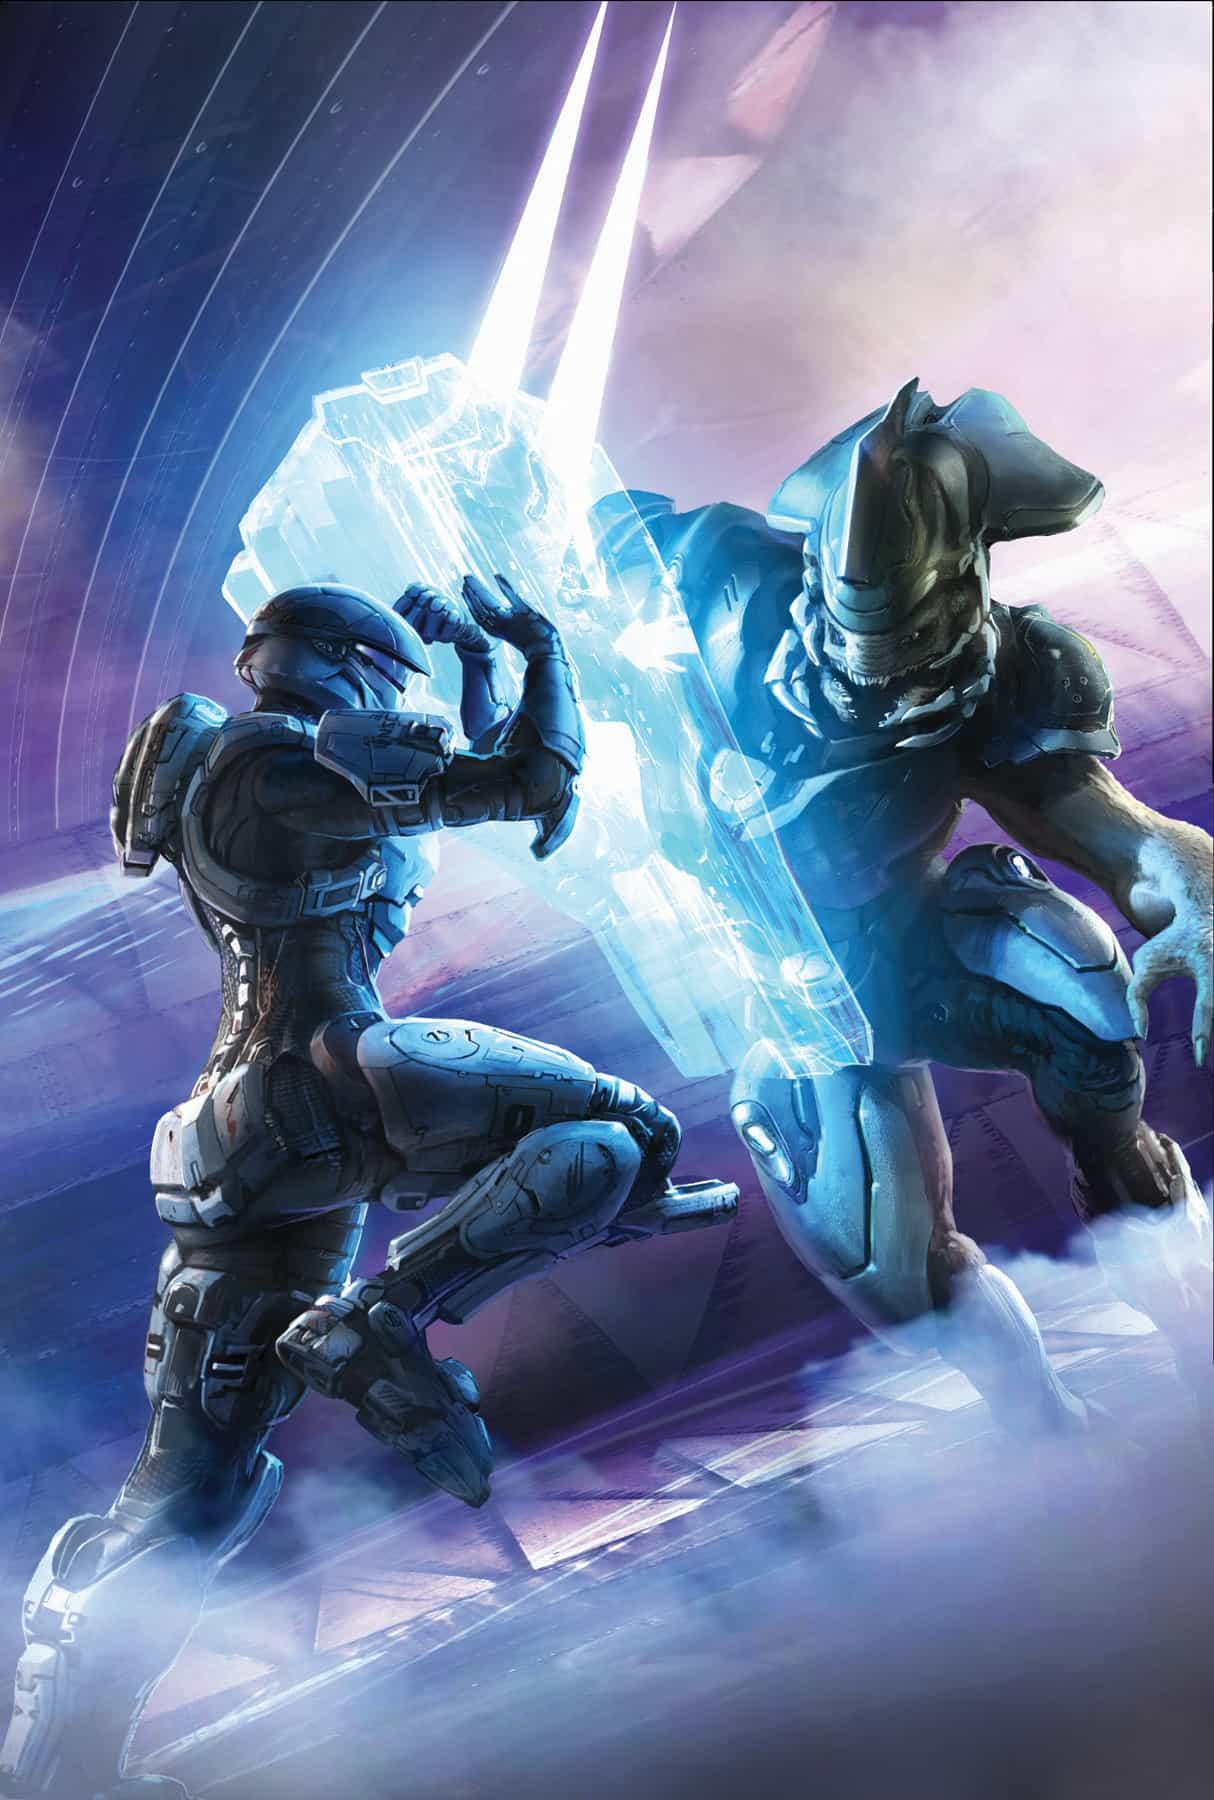 Halo Reach Spartan Concept Art